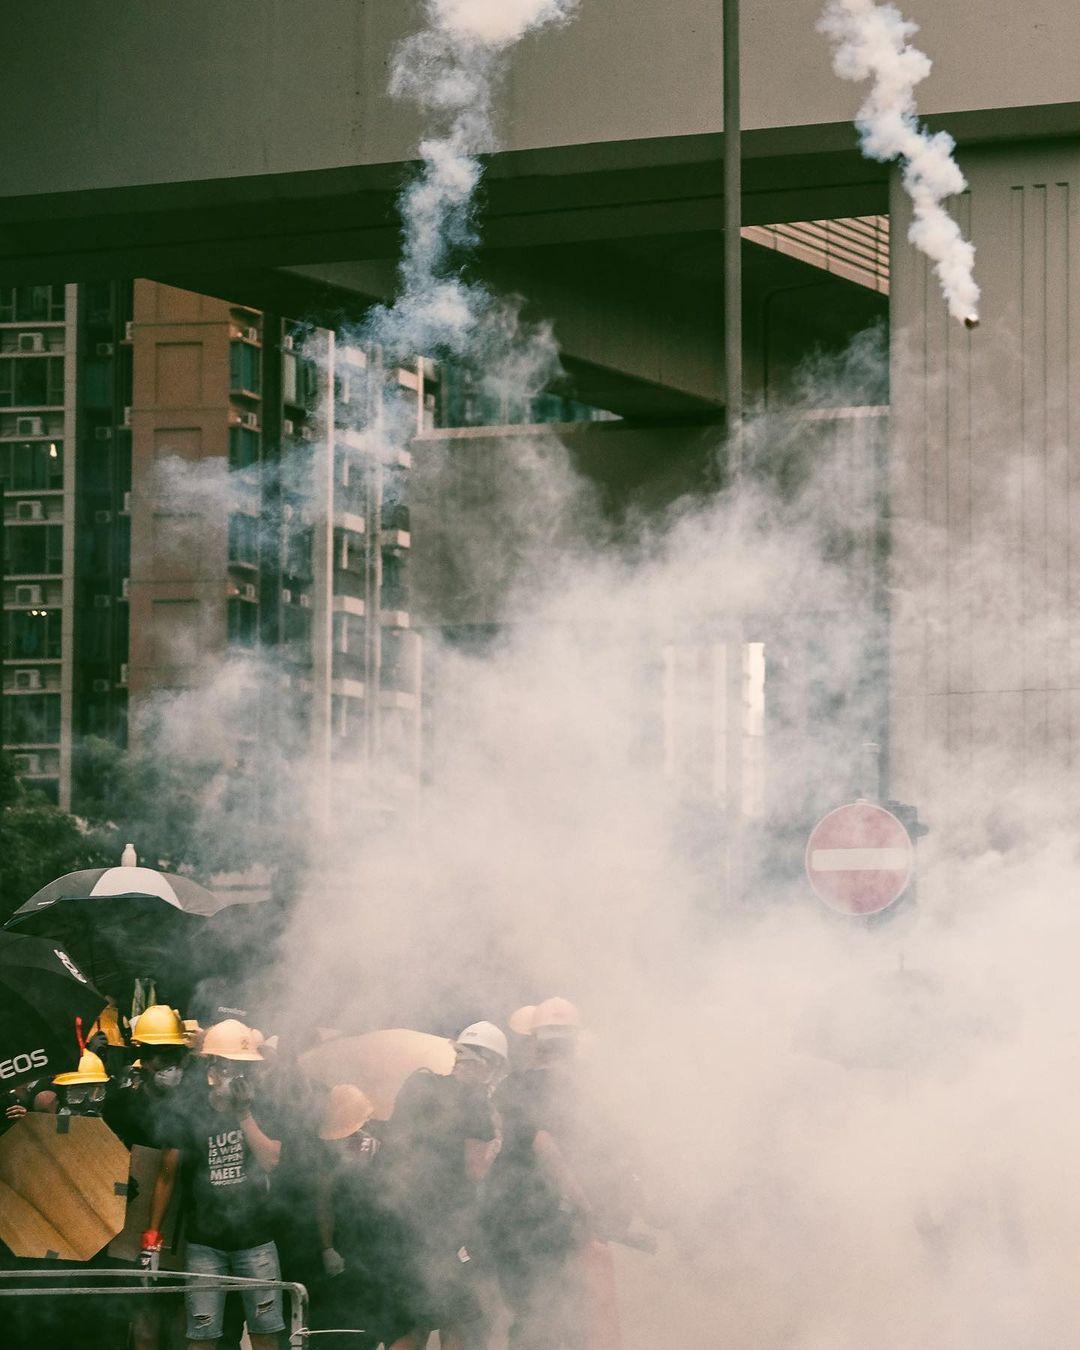 《幽暮之城》攝影集 Deacon Lui 反修例運動 攝影師 催淚彈 2019年